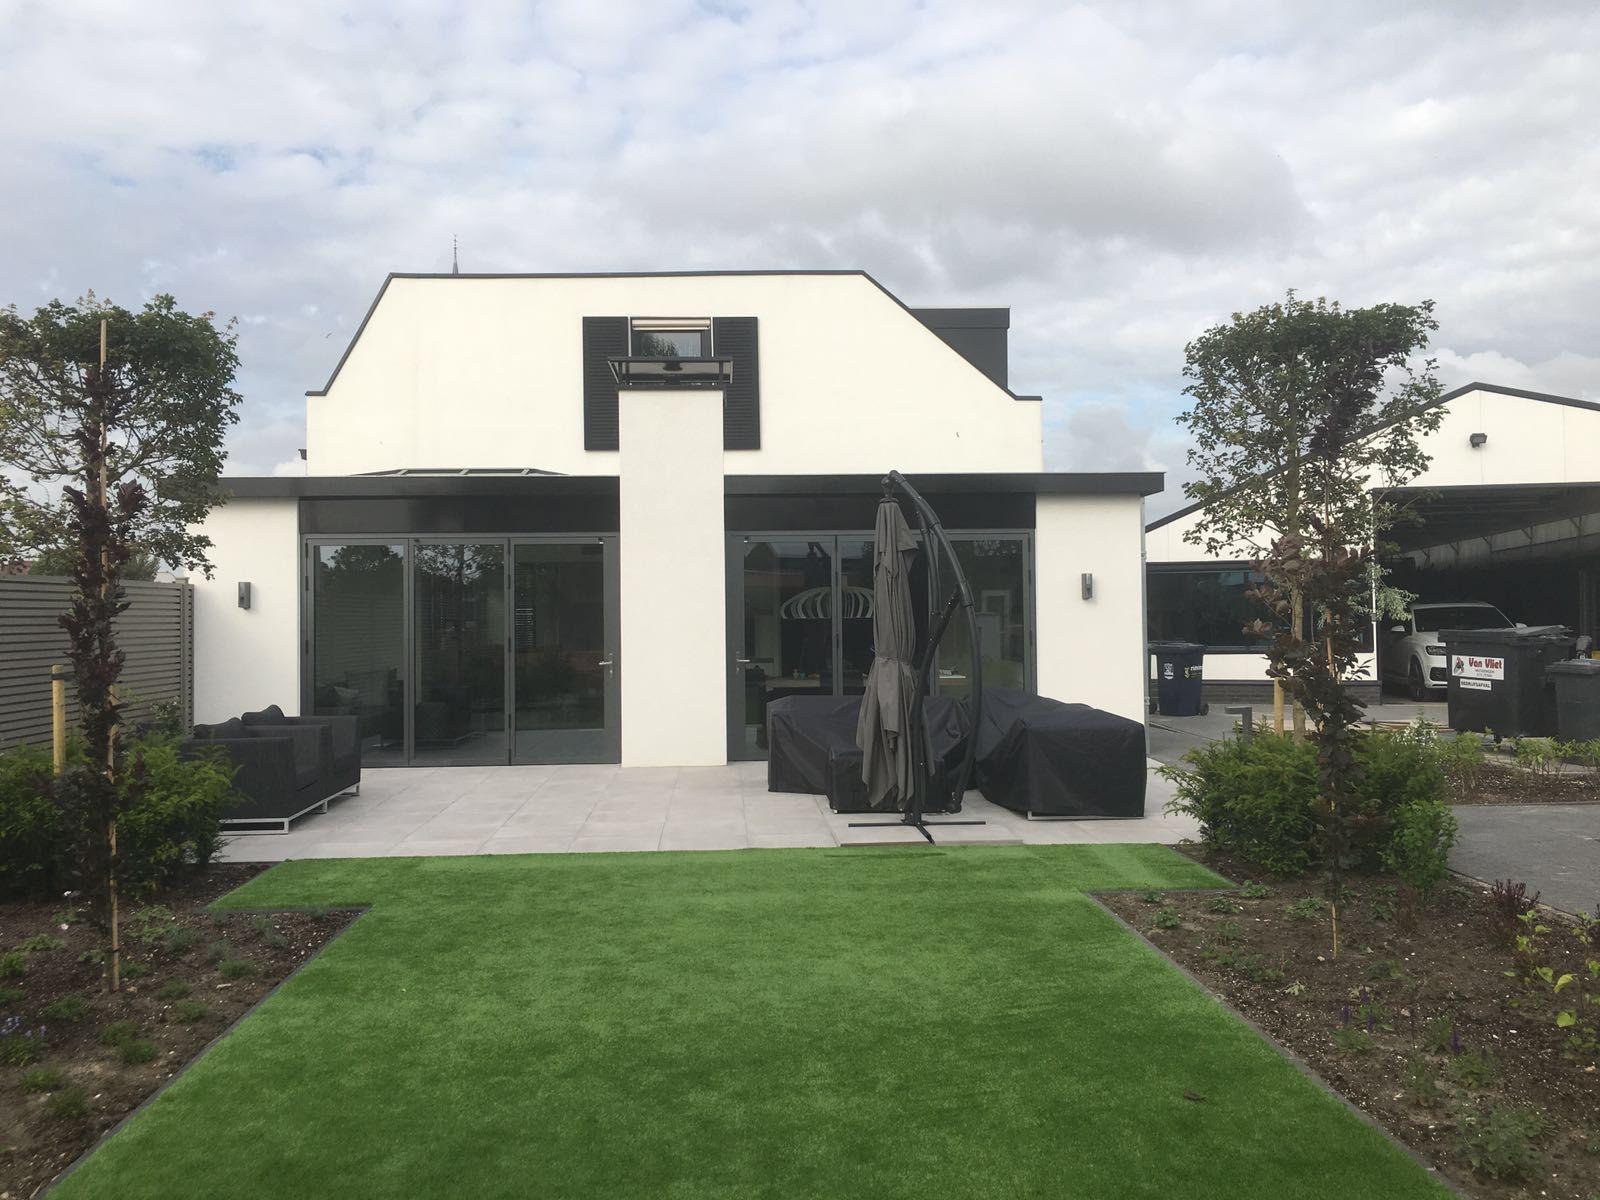 Vrijstaand gerenoveerd modern huis visie vrijstaand wonen